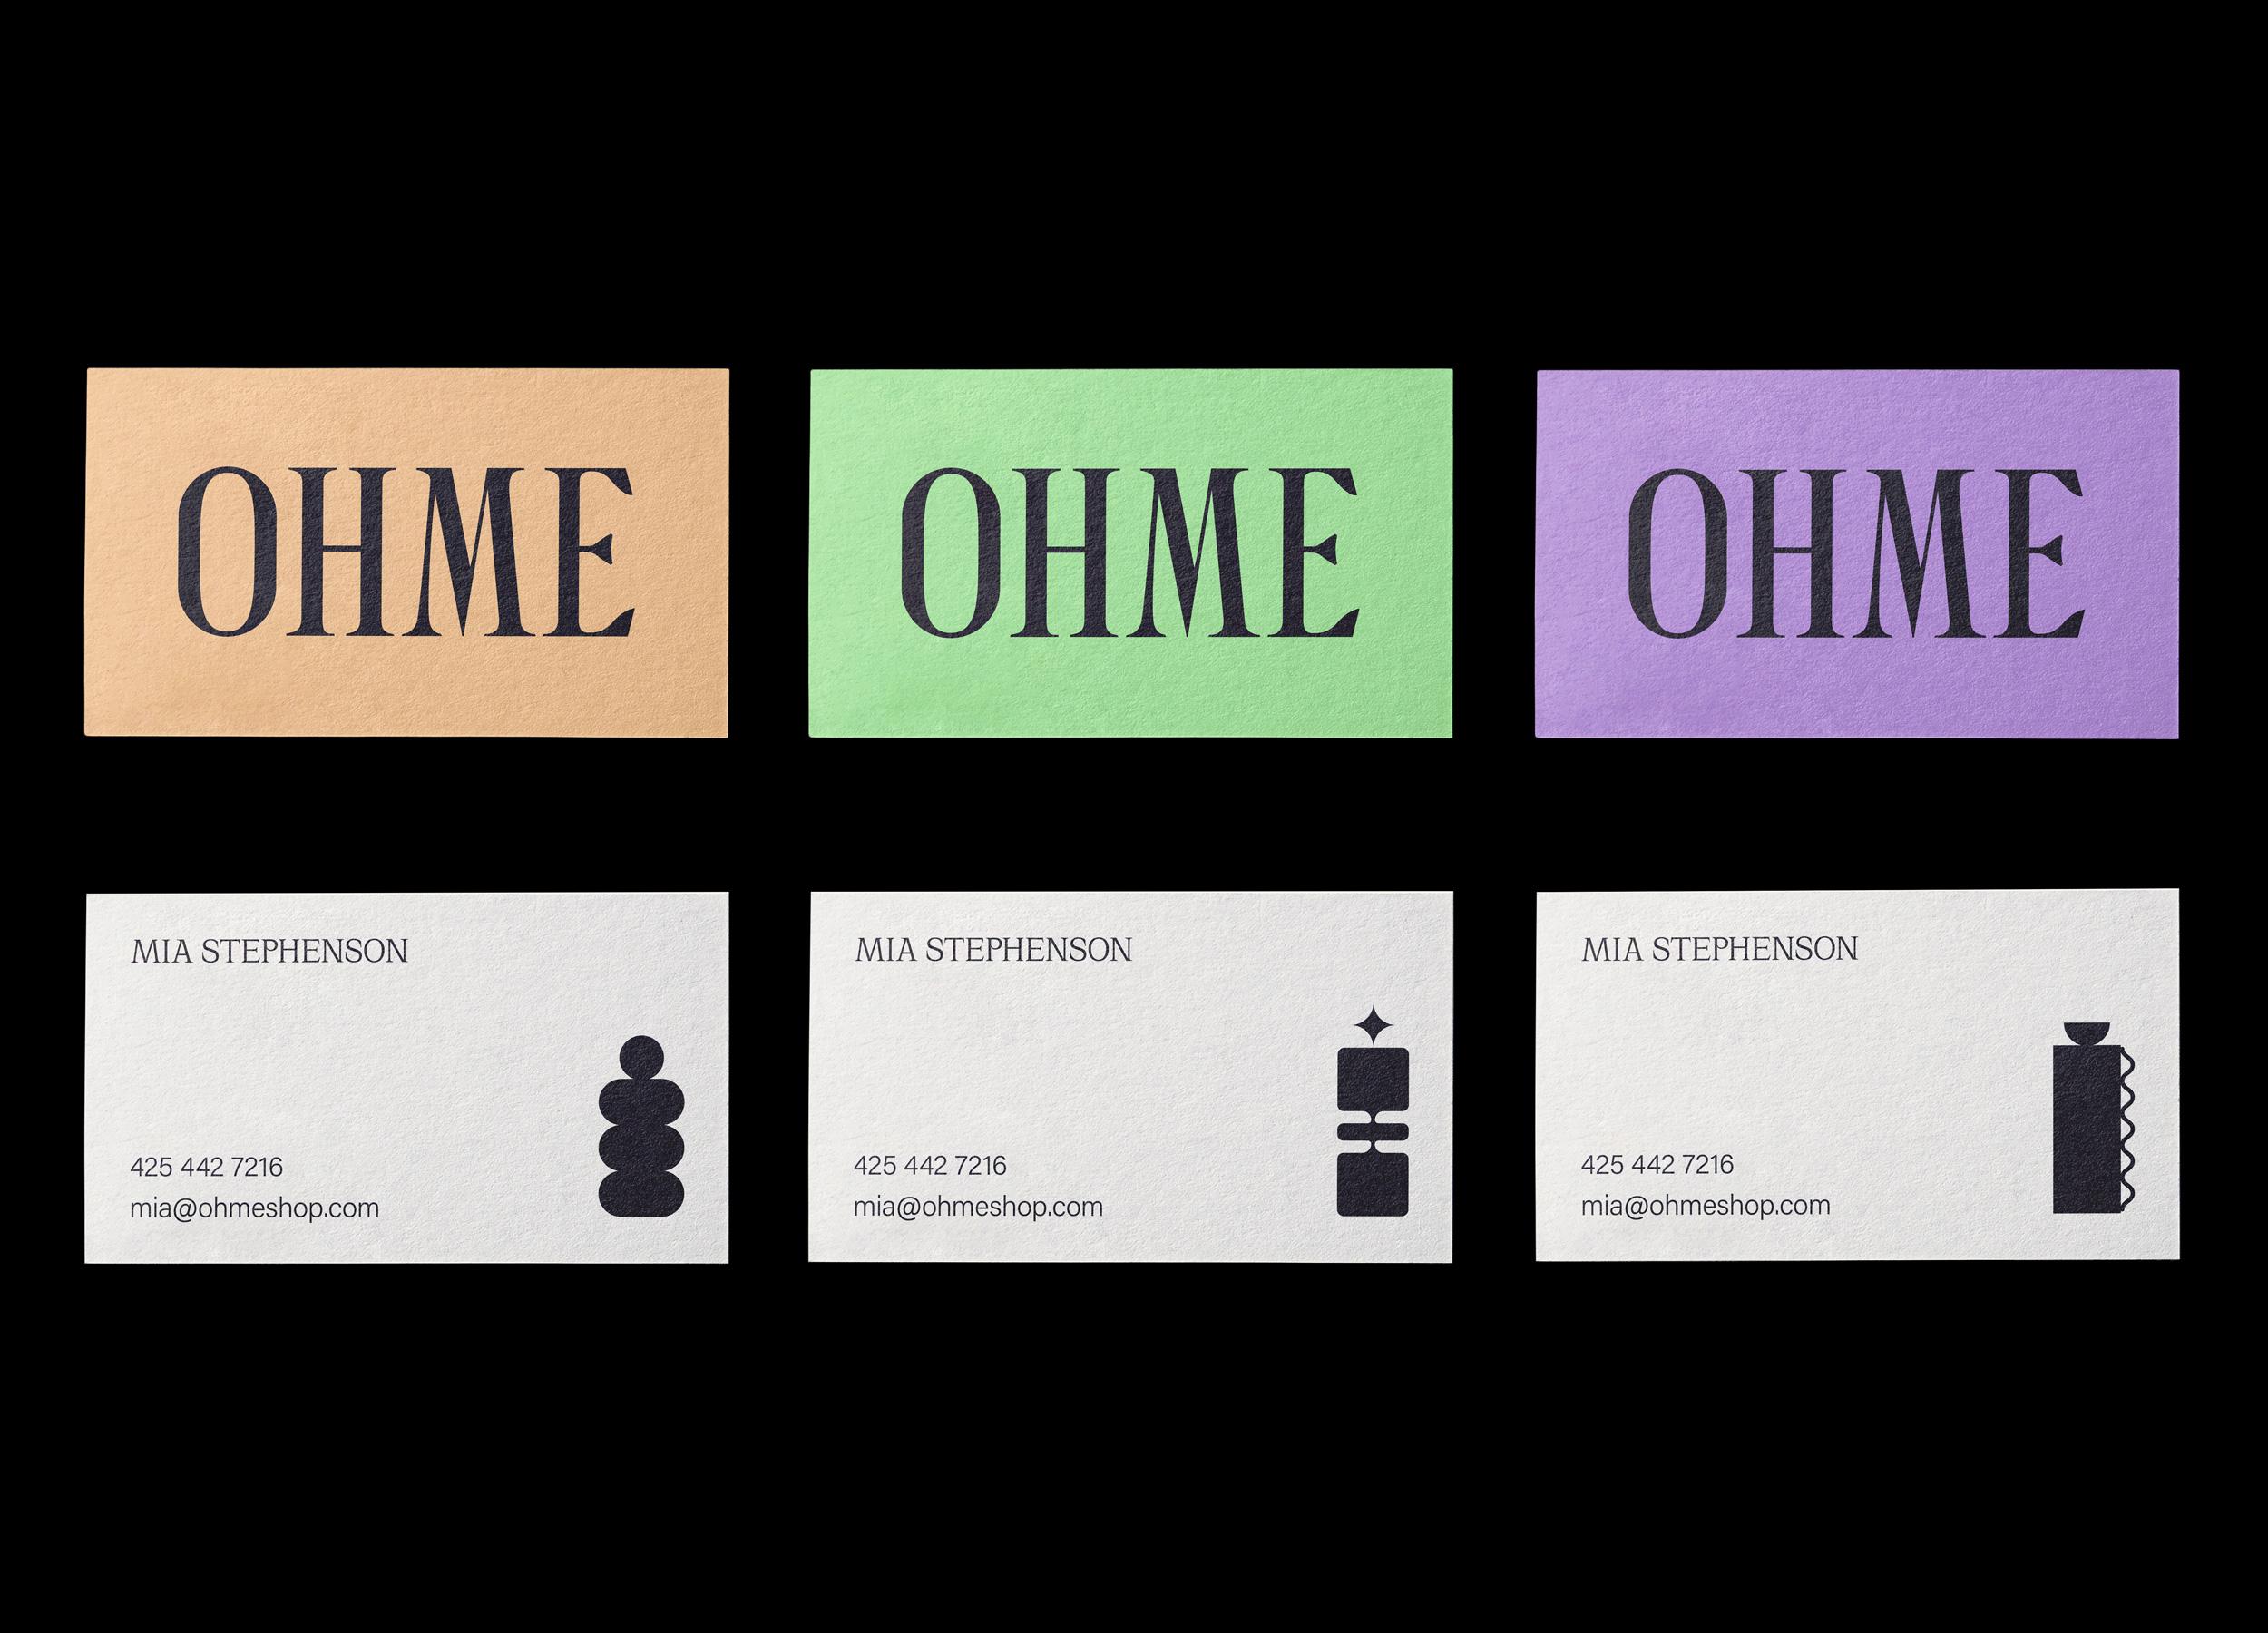 OHME Business Card Design